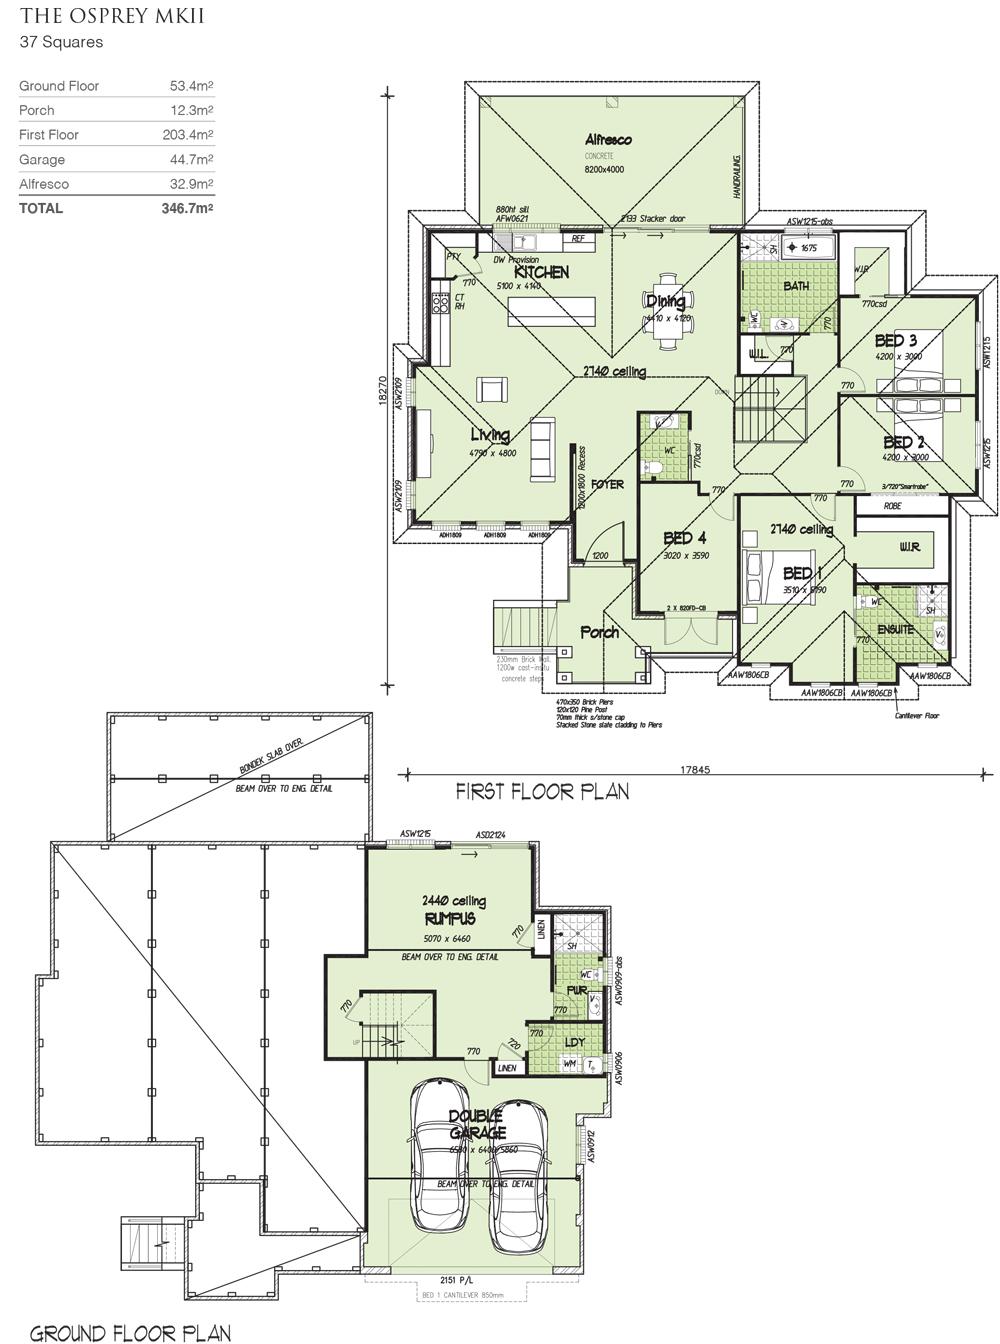 Osprey MKII full split, Home Design, Tullipan Homes